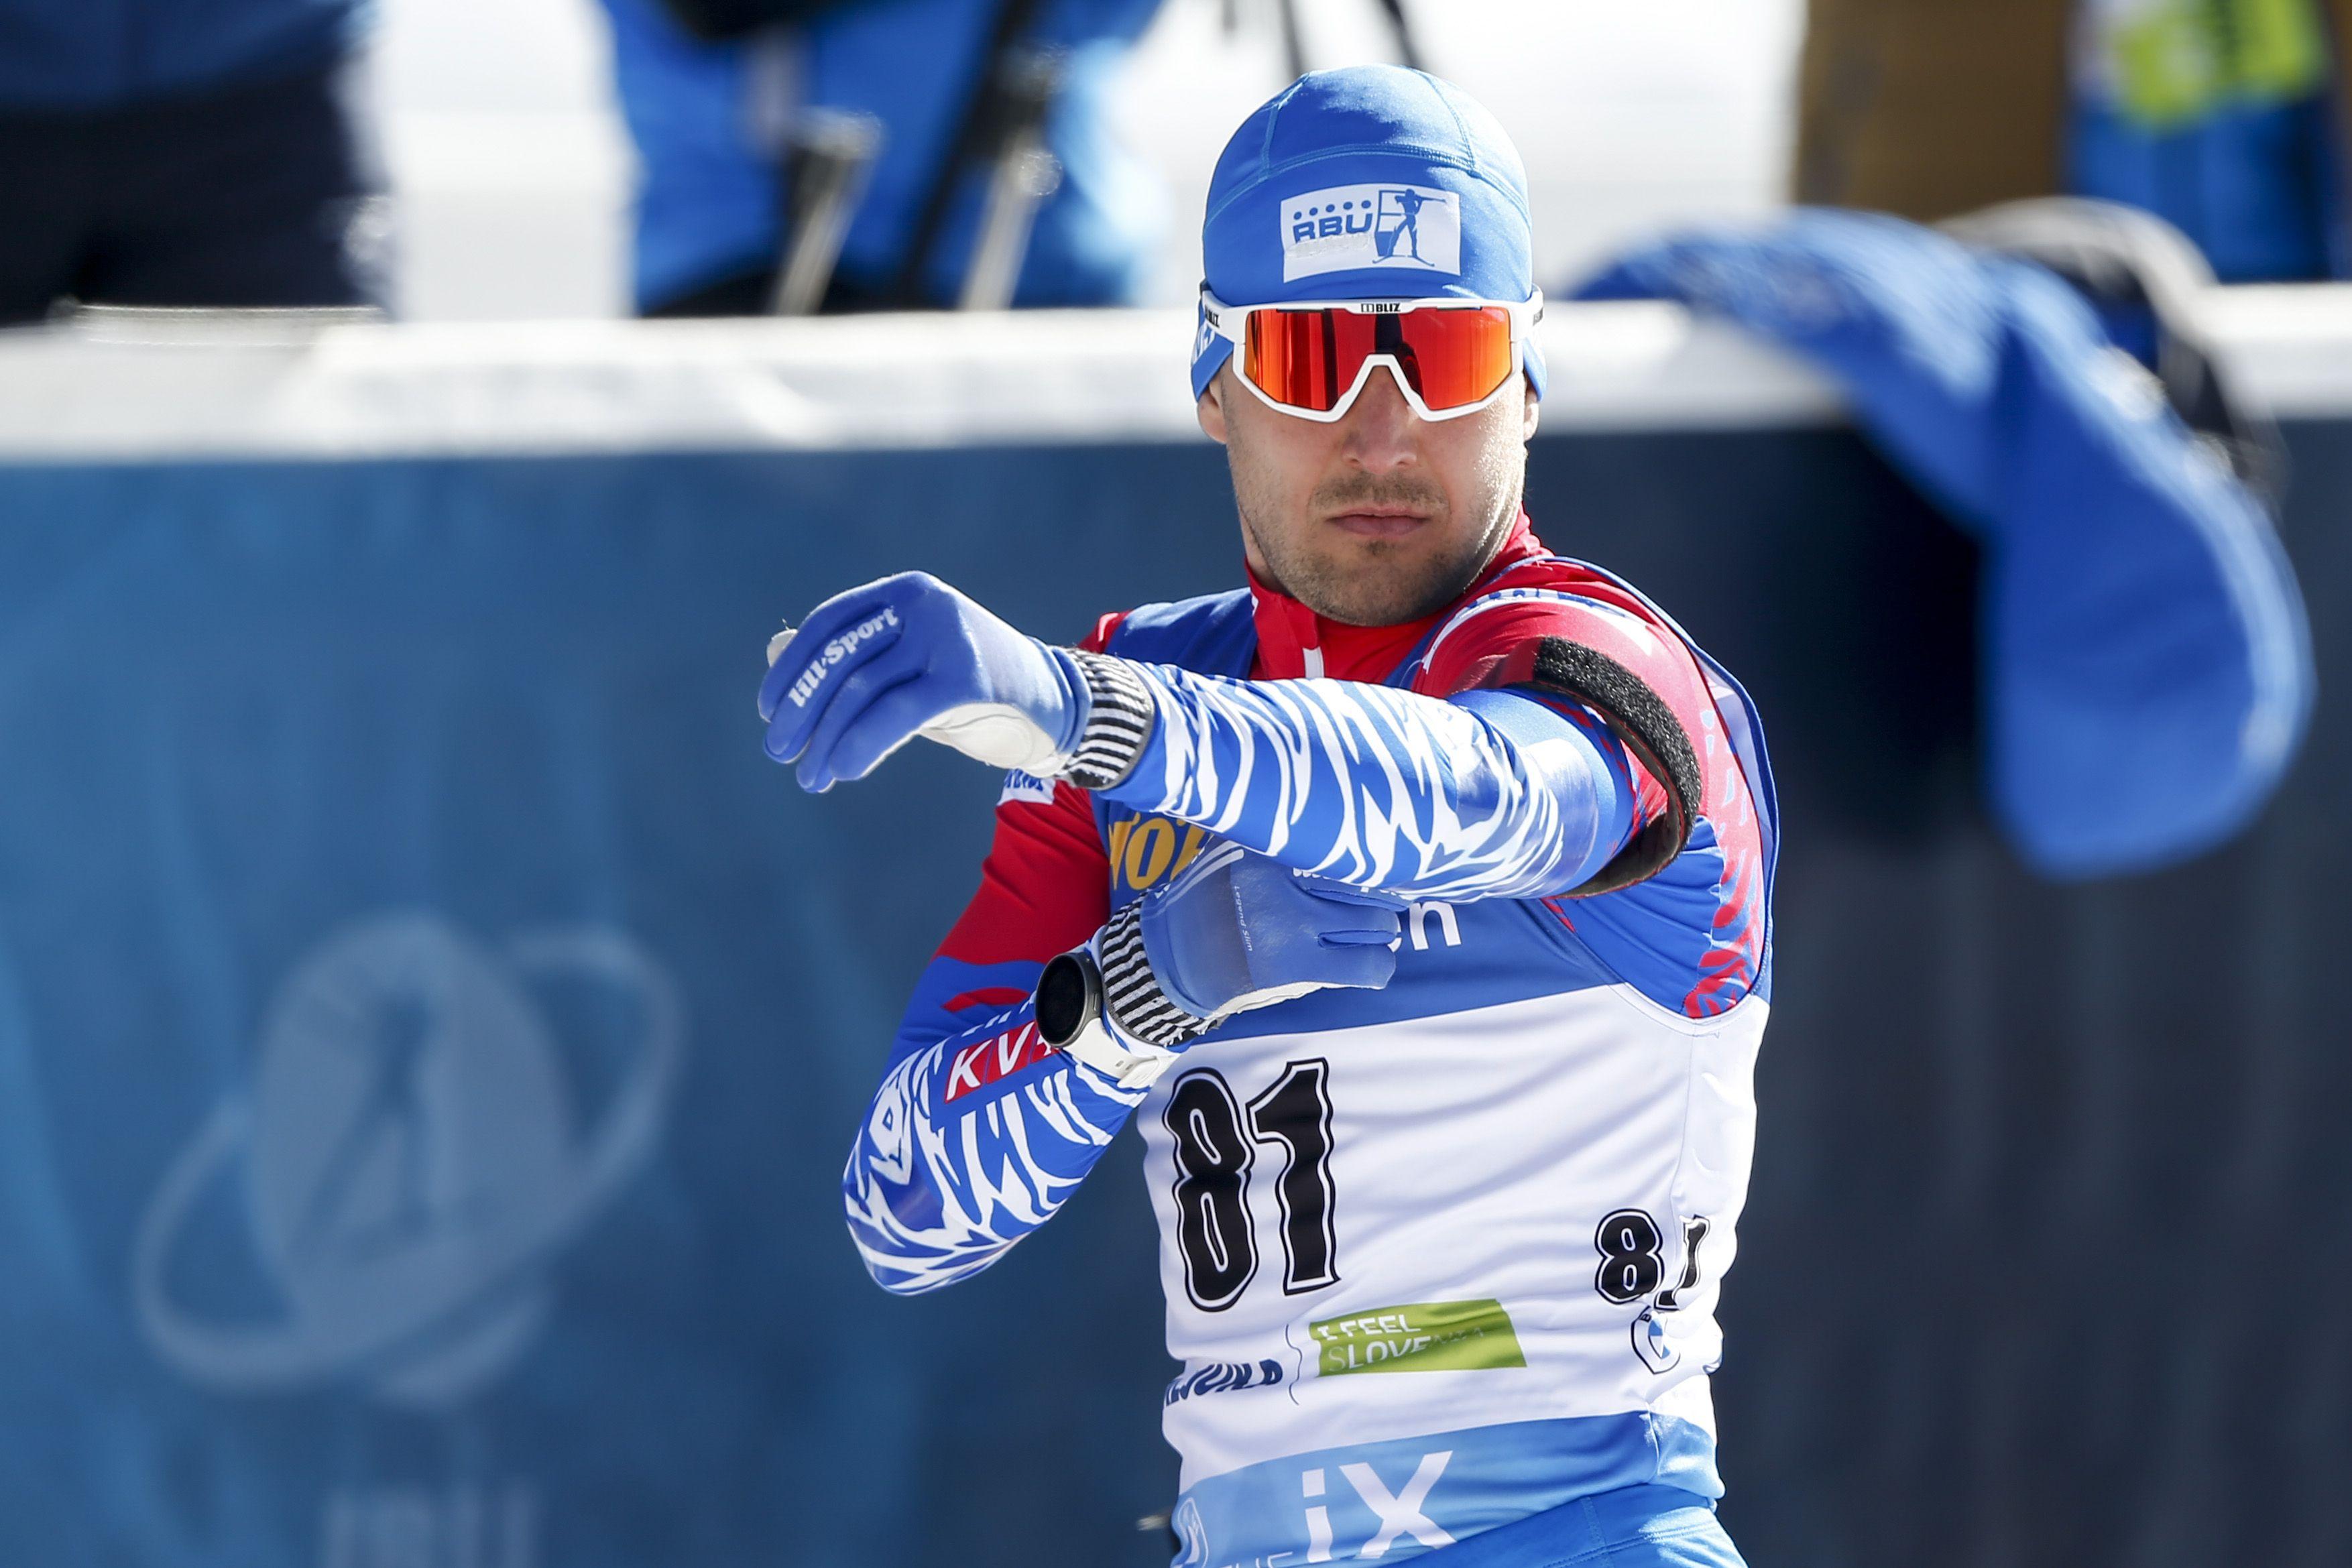 Губерниев: 'Гараничев пробежал спринт выше своих возможностей'